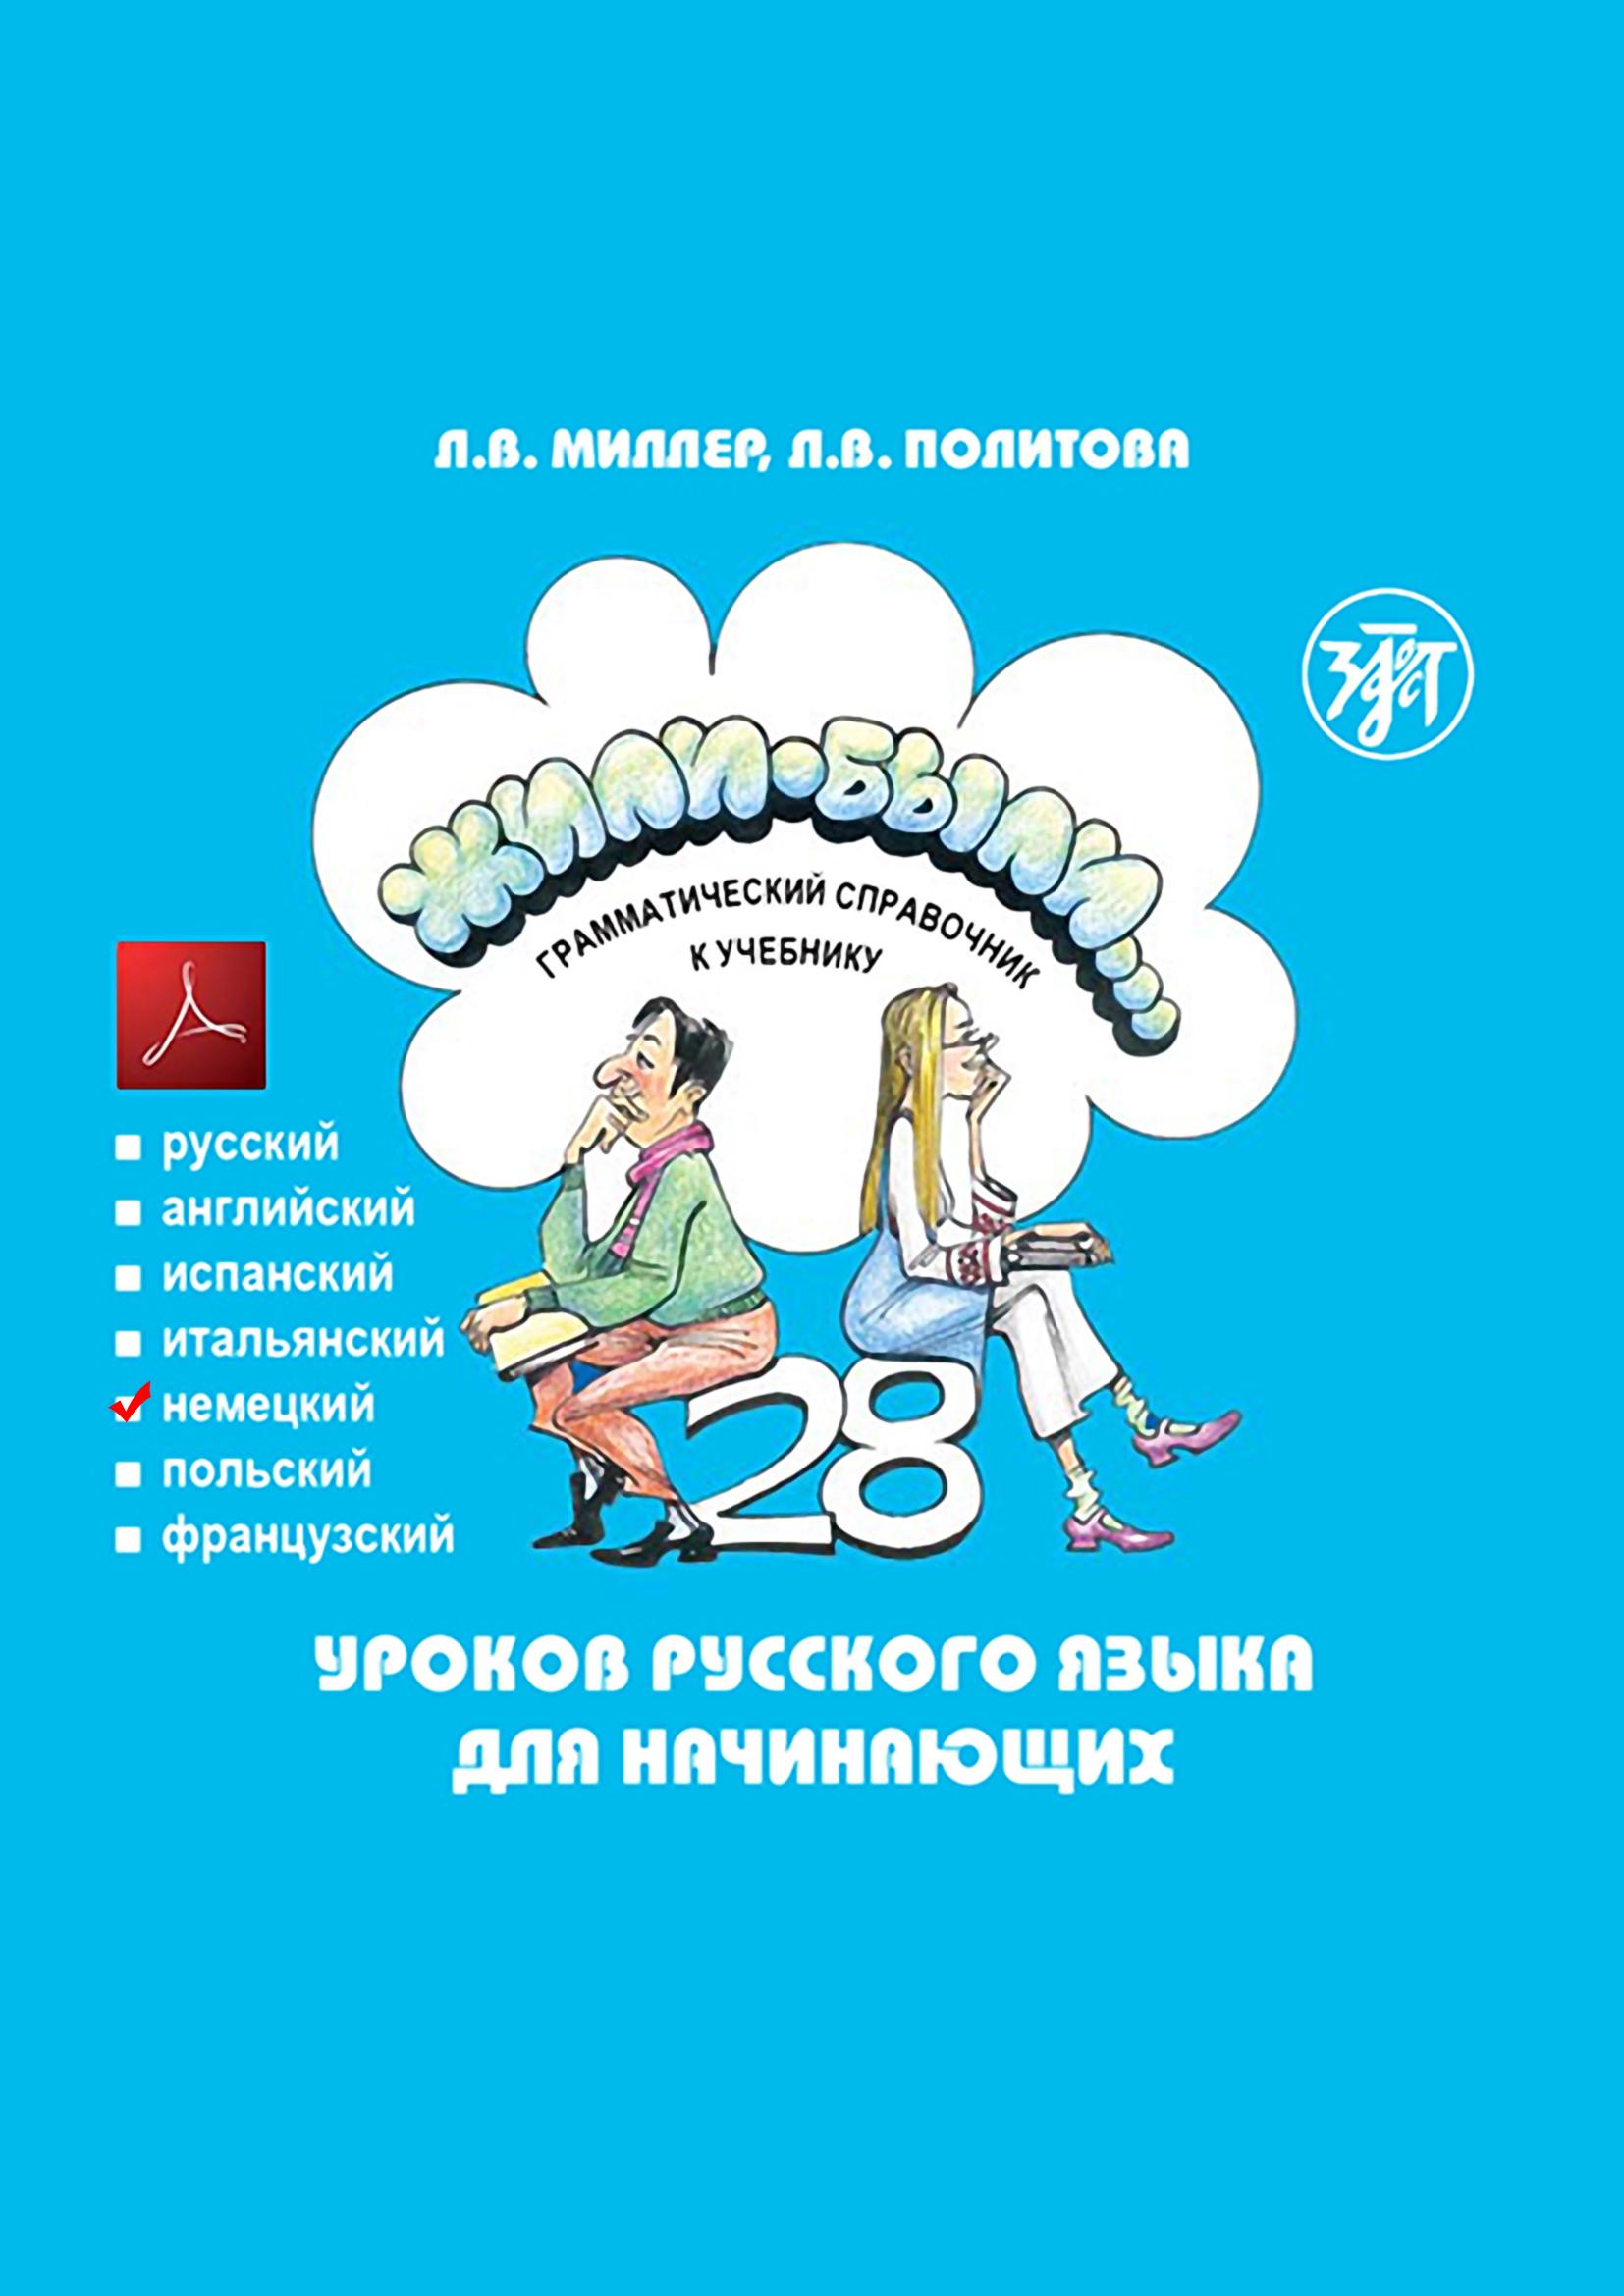 Л. В. Политова Жили-были… 28 уроков русского языка для начинающих. Грамматический справочник к учебнику. Немецкая версия цены онлайн